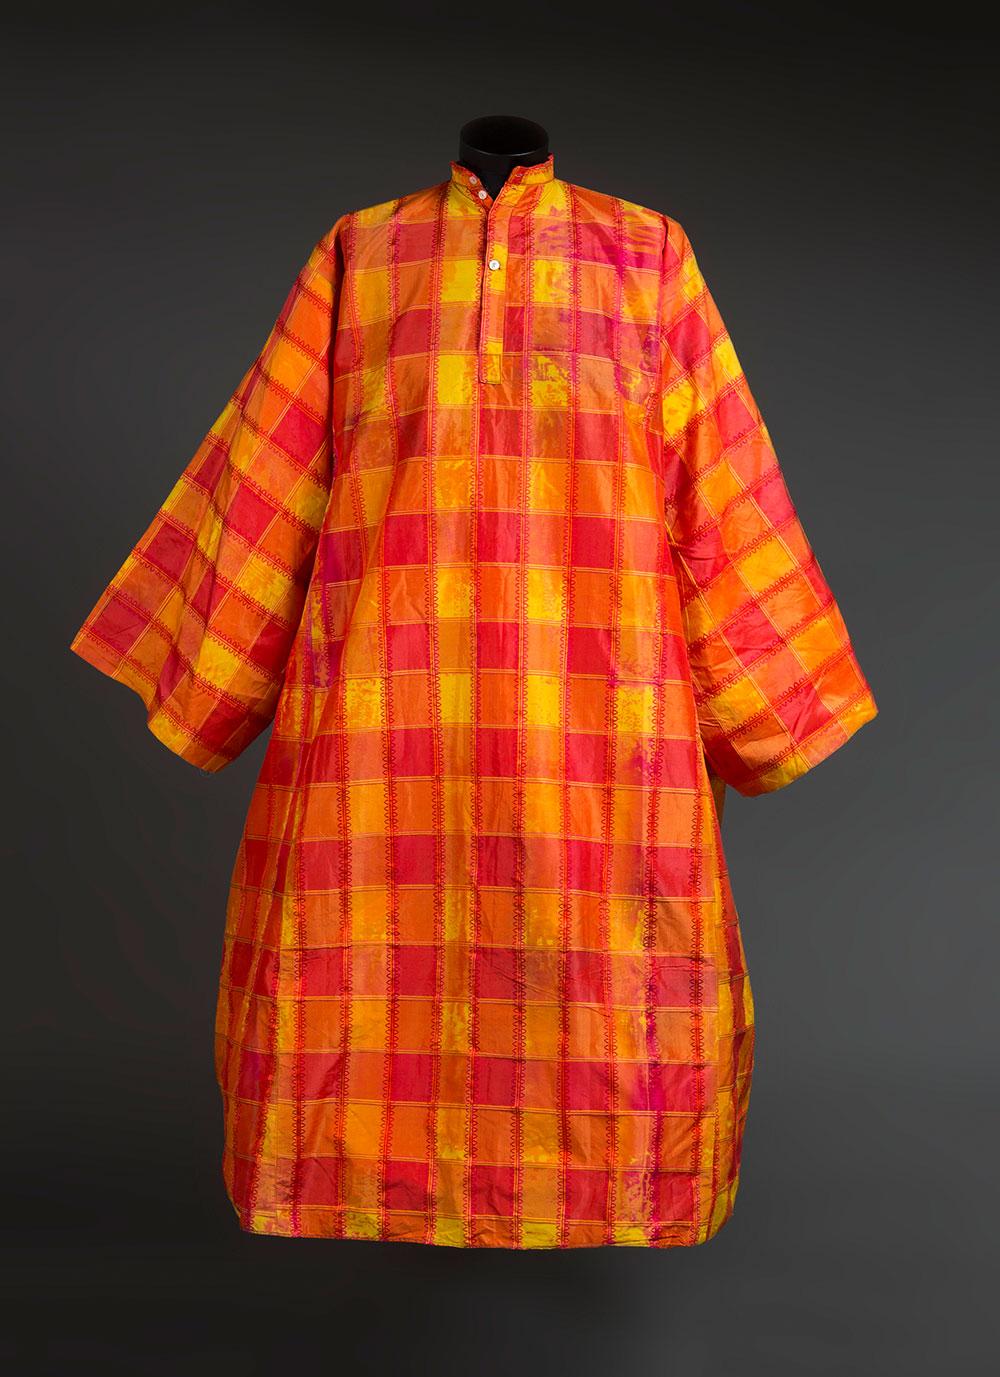 שמלת אישה תפורה במסורת הבוכרית, ירושלים, שנות ה-30 של המאה ה-20